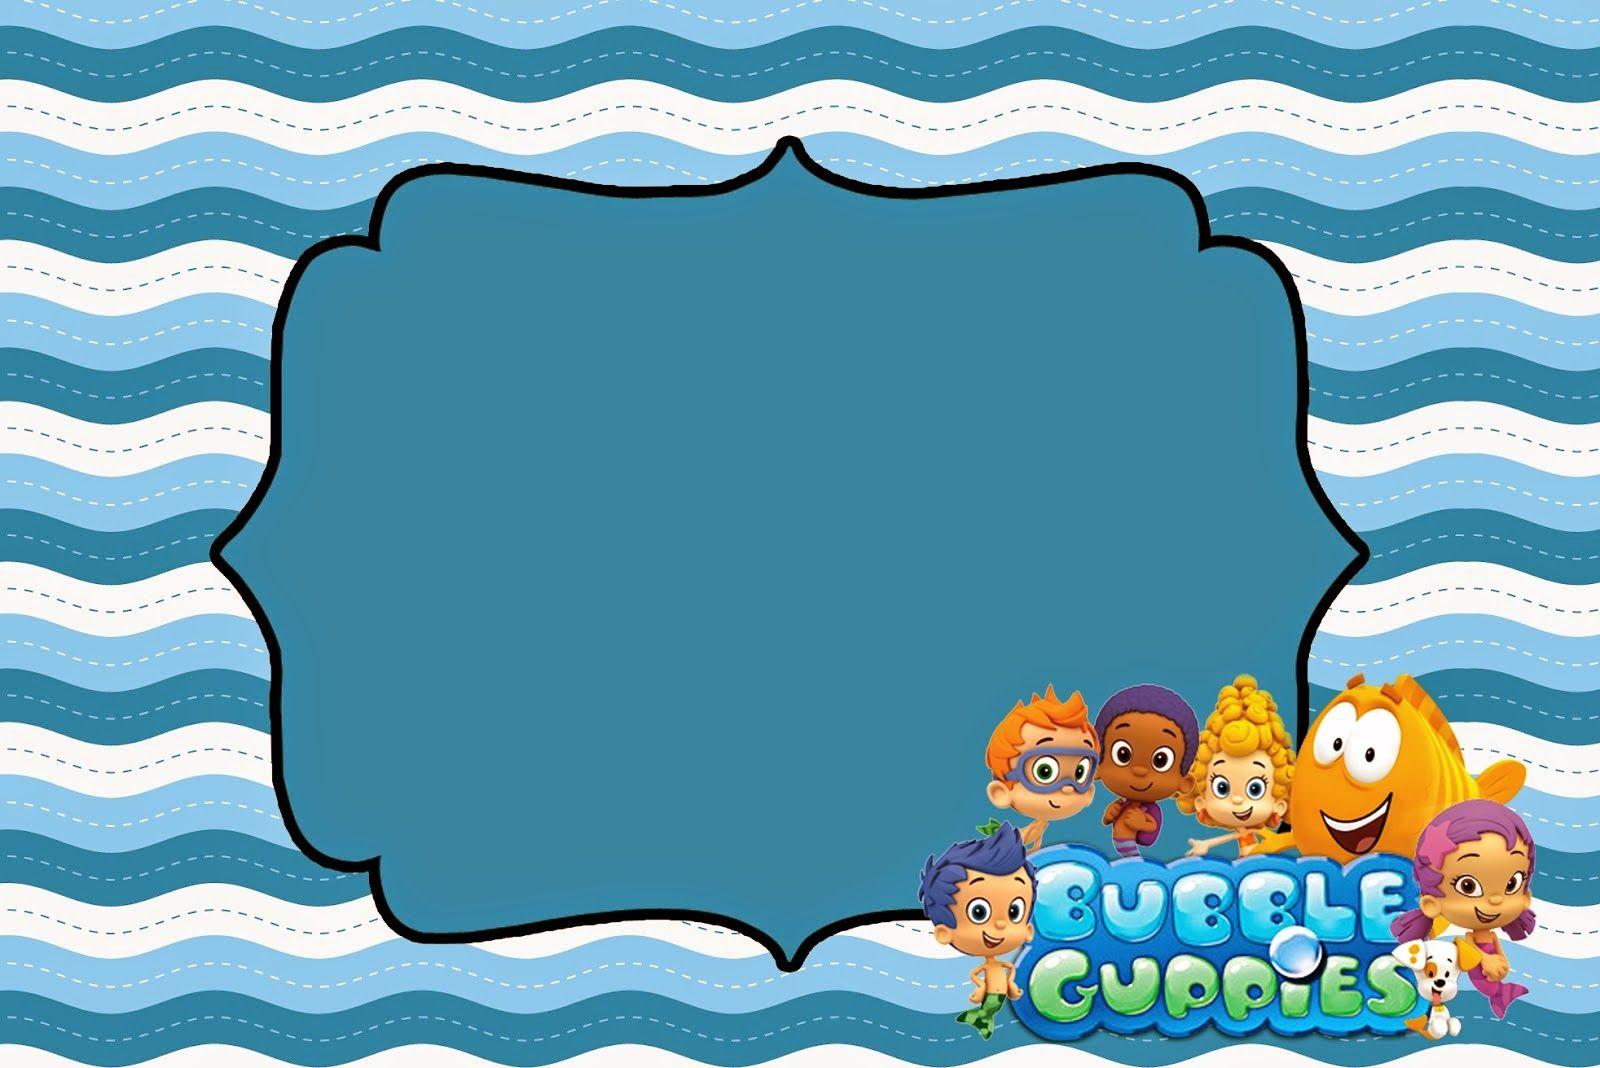 Bubble Guppies: Invitaciones para Imprimir Gratis. | happy birthday ...